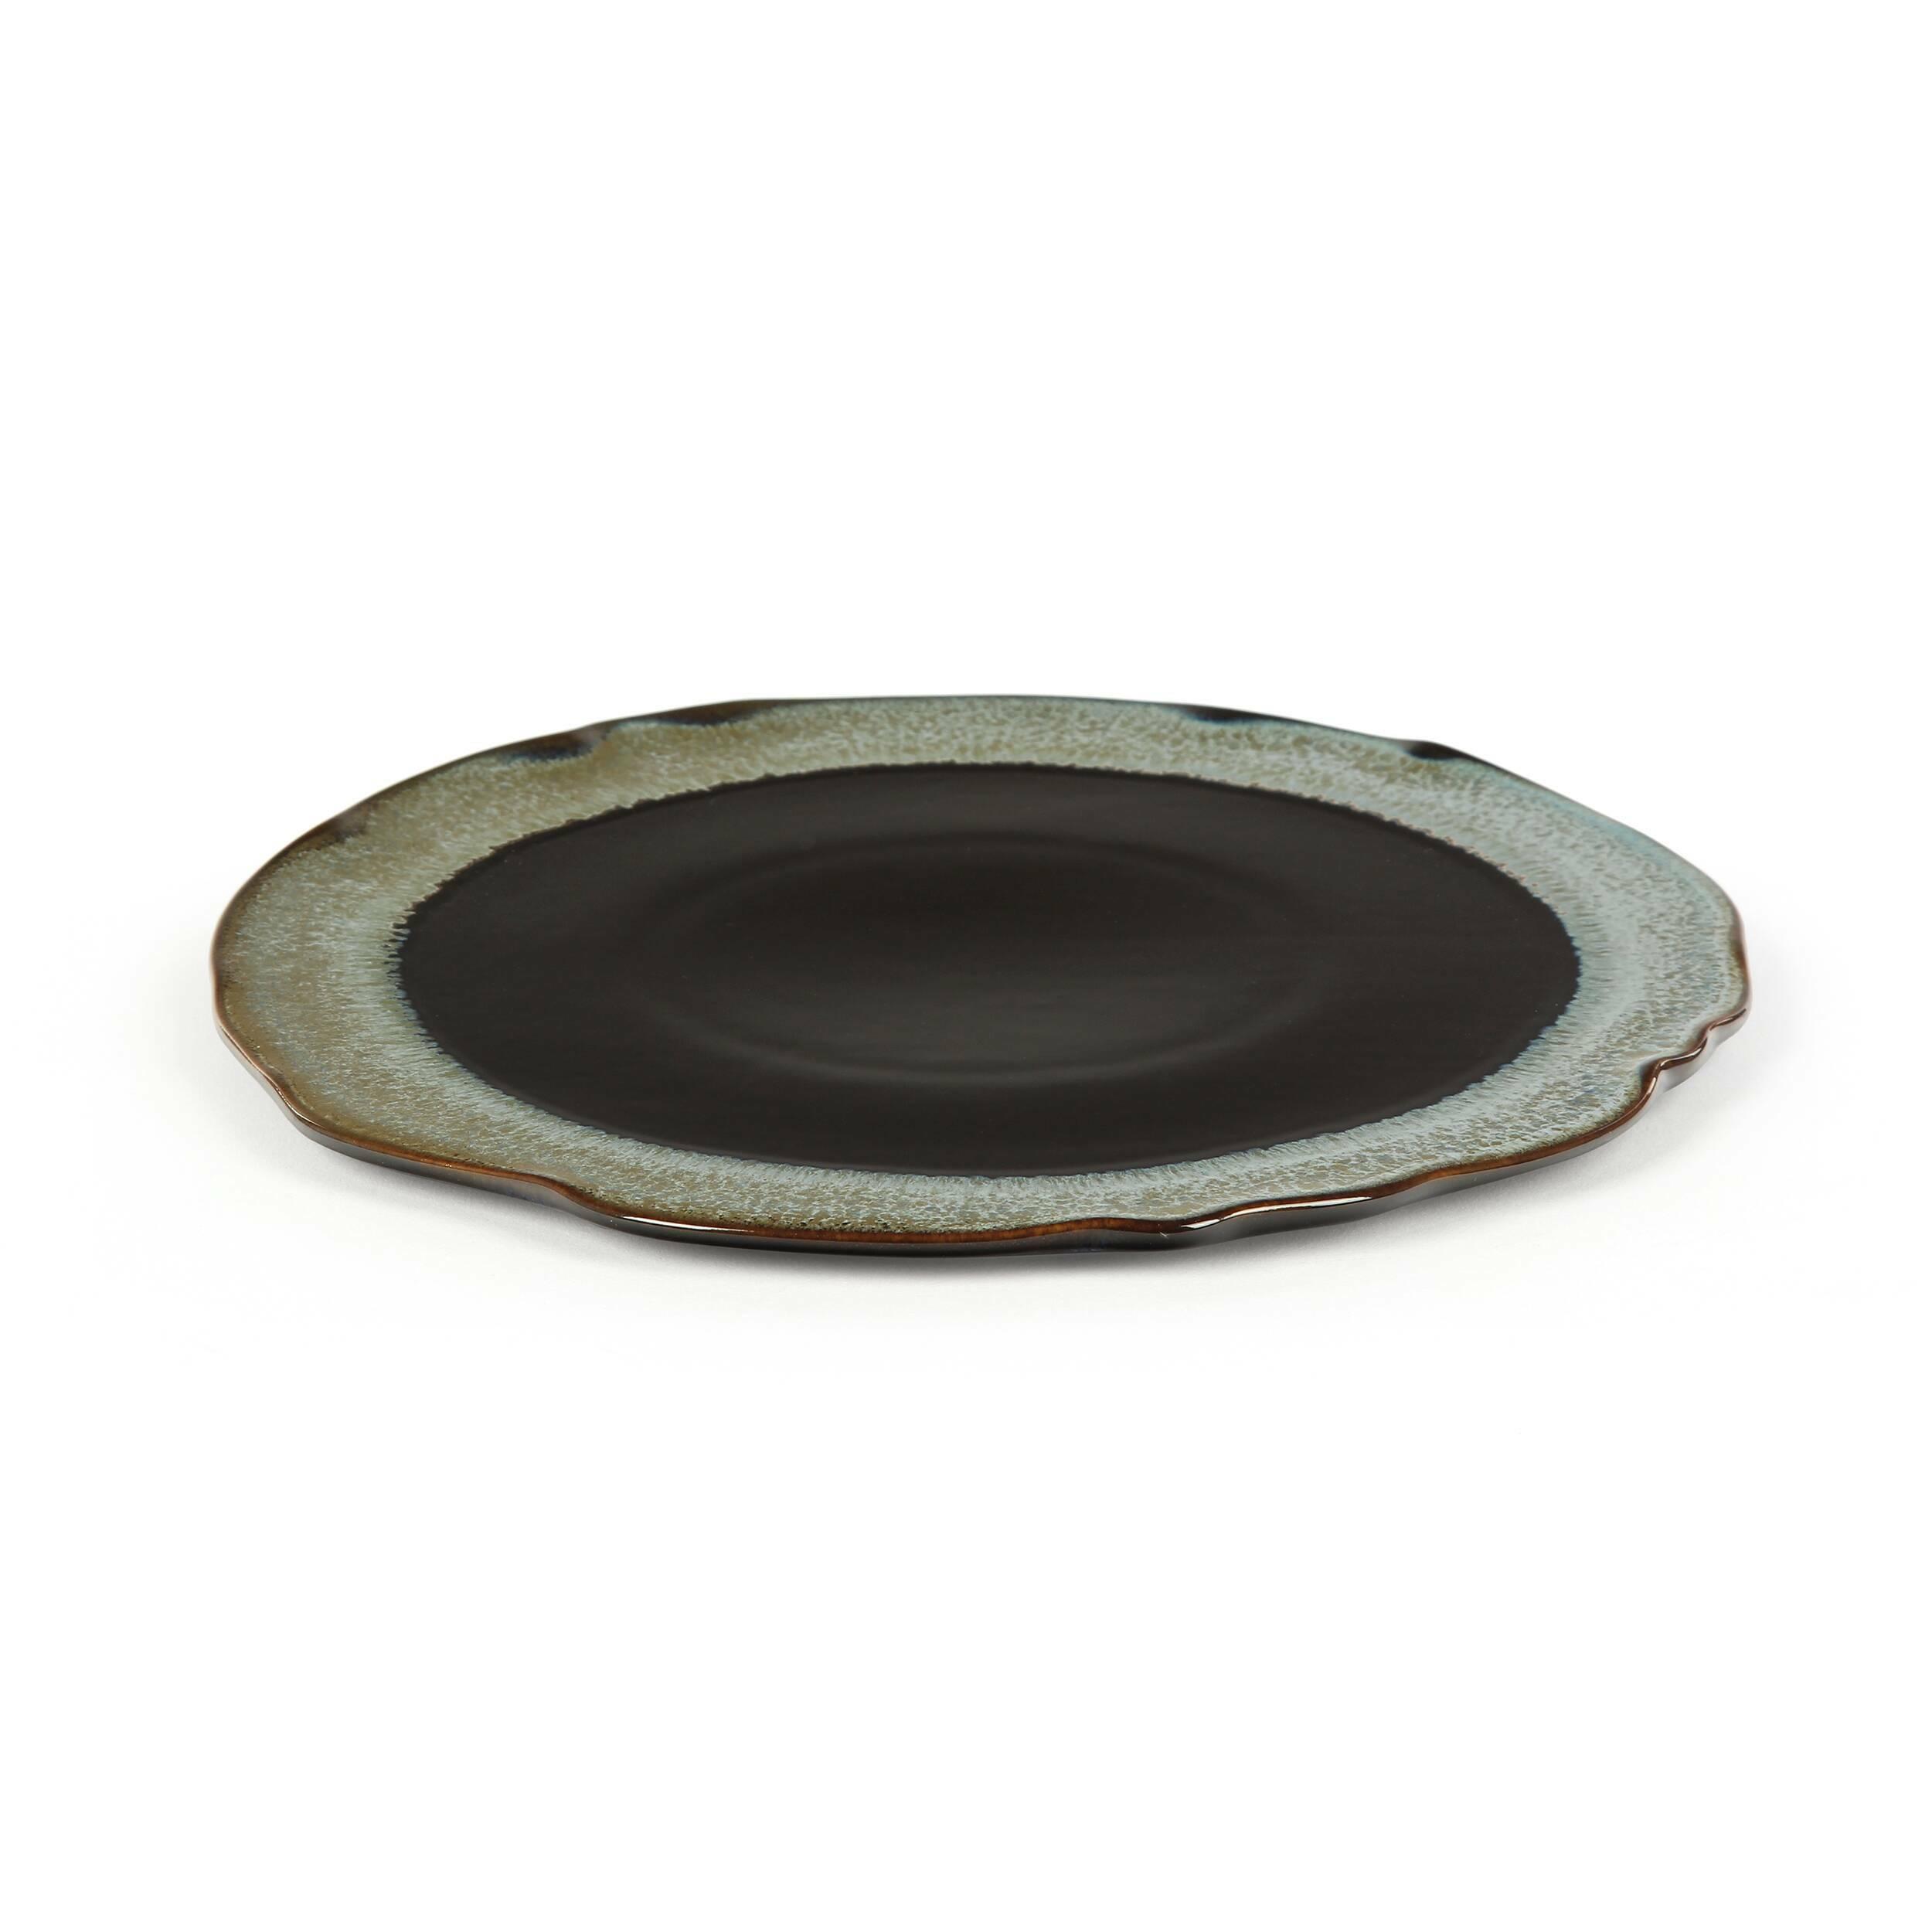 Тарелка Auberge диаметр 22,5Посуда<br>Посуда в восточном стиле способна преобразить всю обстановку и превратить обычный прием пищи в маленькую церемонию. Коллекция Auberge представляет собой прекрасный набор из посуды, обладающей утонченным дизайном и выполненной в умиротворяющей цветовой гамме.<br><br><br> В коллекцию Auberge входят сосуды самого разного назначения – тарелки для супа, для салата, емкости для соусов и даже кувшины. Особое значение создатели придали материалу, из которого изготавливается набор, это экологически чис...<br><br>stock: 175<br>Материал: Глина<br>Цвет: Темно-синий<br>Диаметр: 22,5